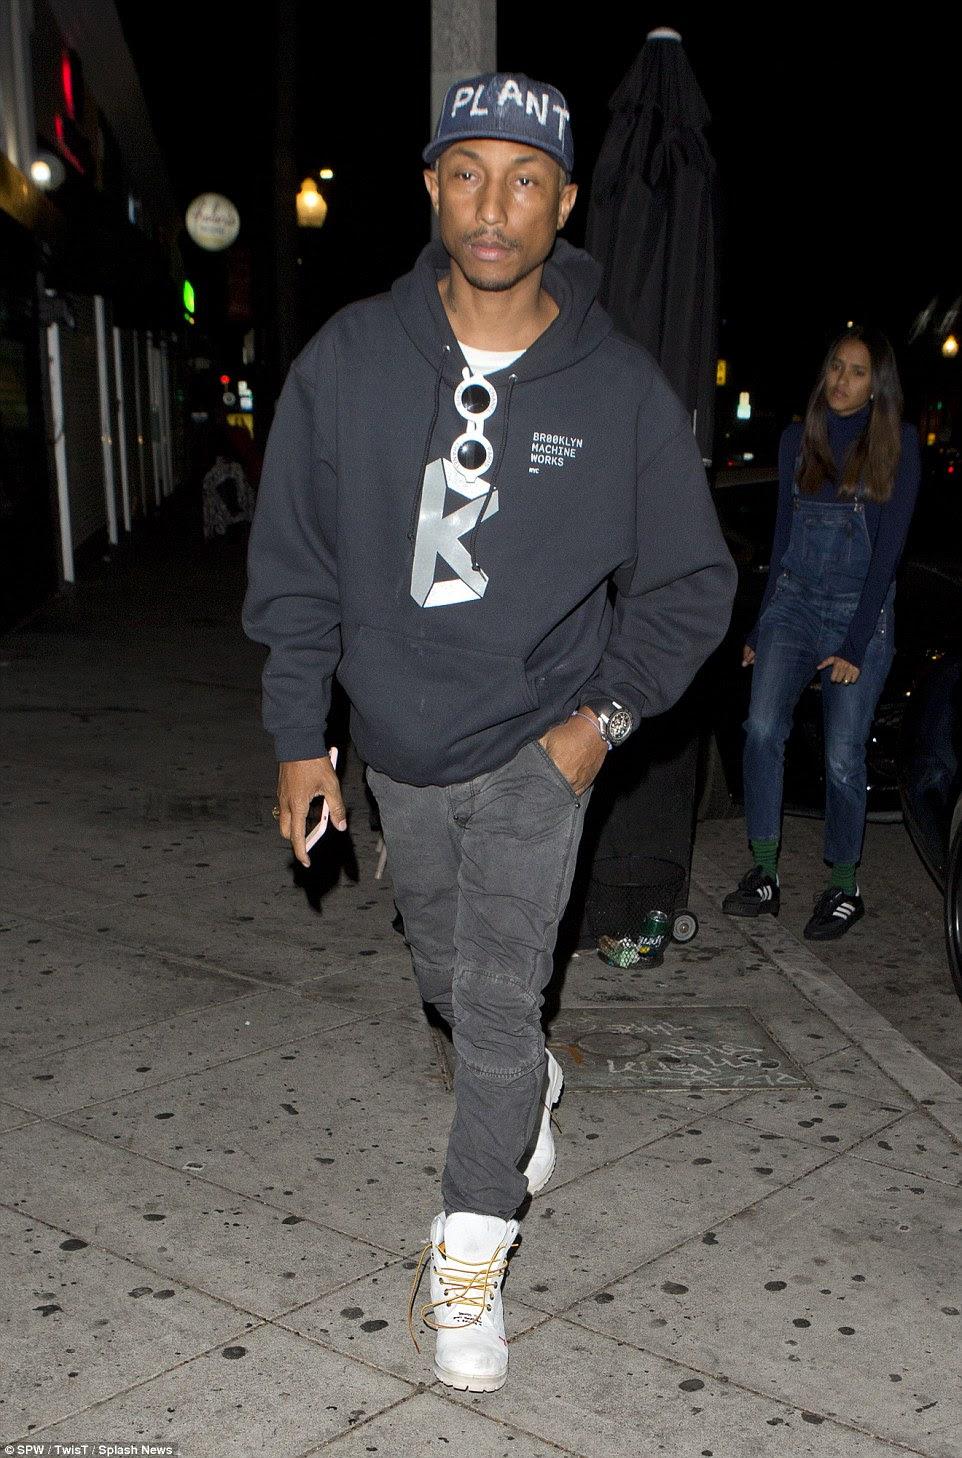 estrela na moda: Pharell parecia utilizar a sua elegante como ele se dirigiu para a festa em um hoodie simples e botas de trabalho brancas